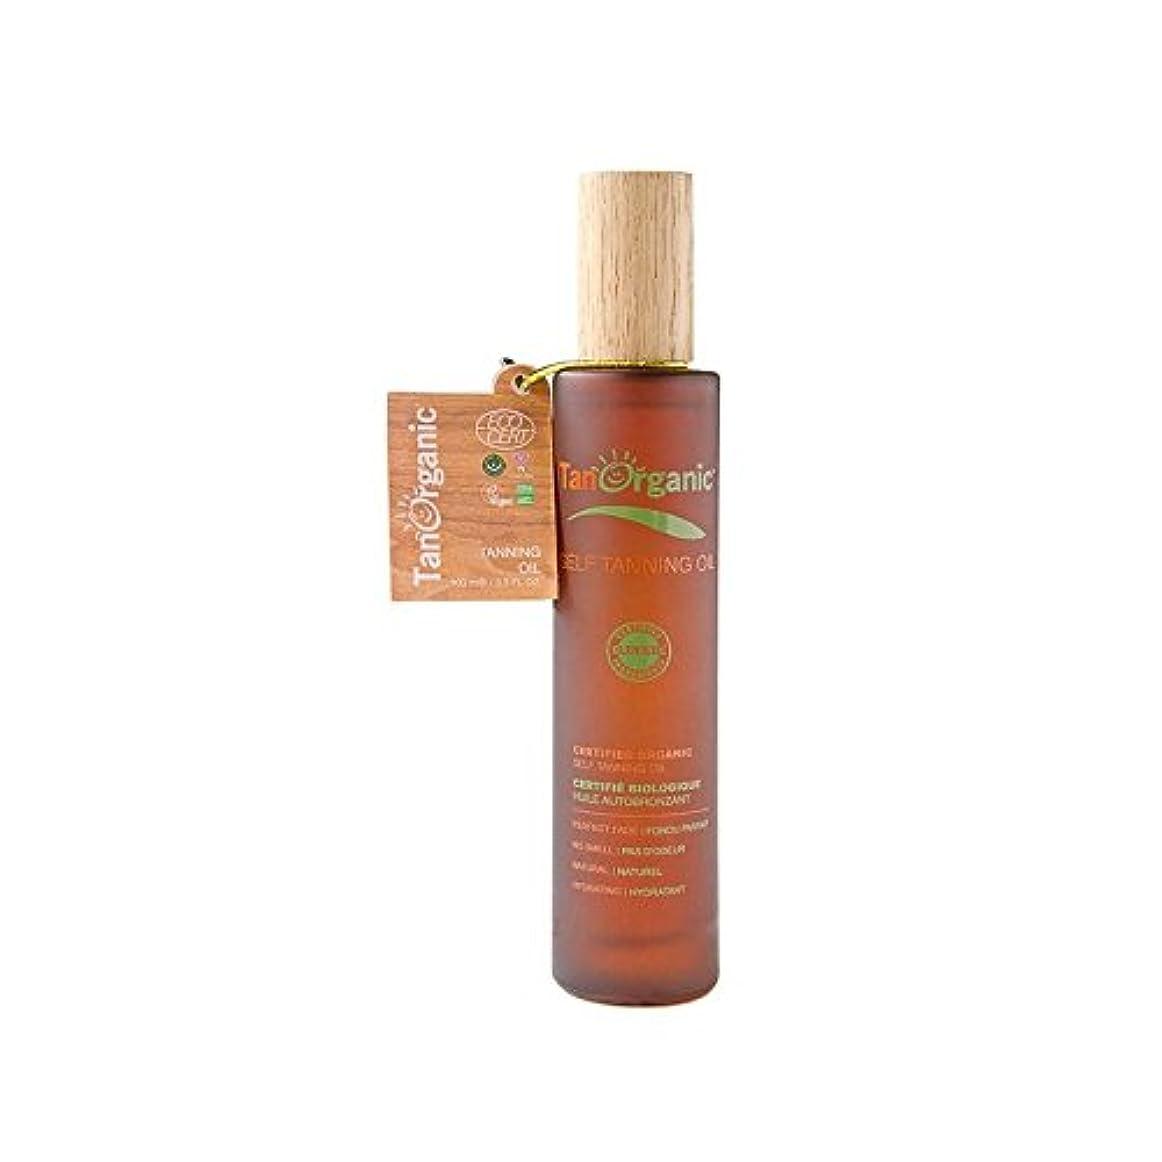 トランジスタ変な鳥Tanorganic自己日焼け顔&ボディオイル (Tan Organic) - TanOrganic Self-Tan Face & Body Oil [並行輸入品]